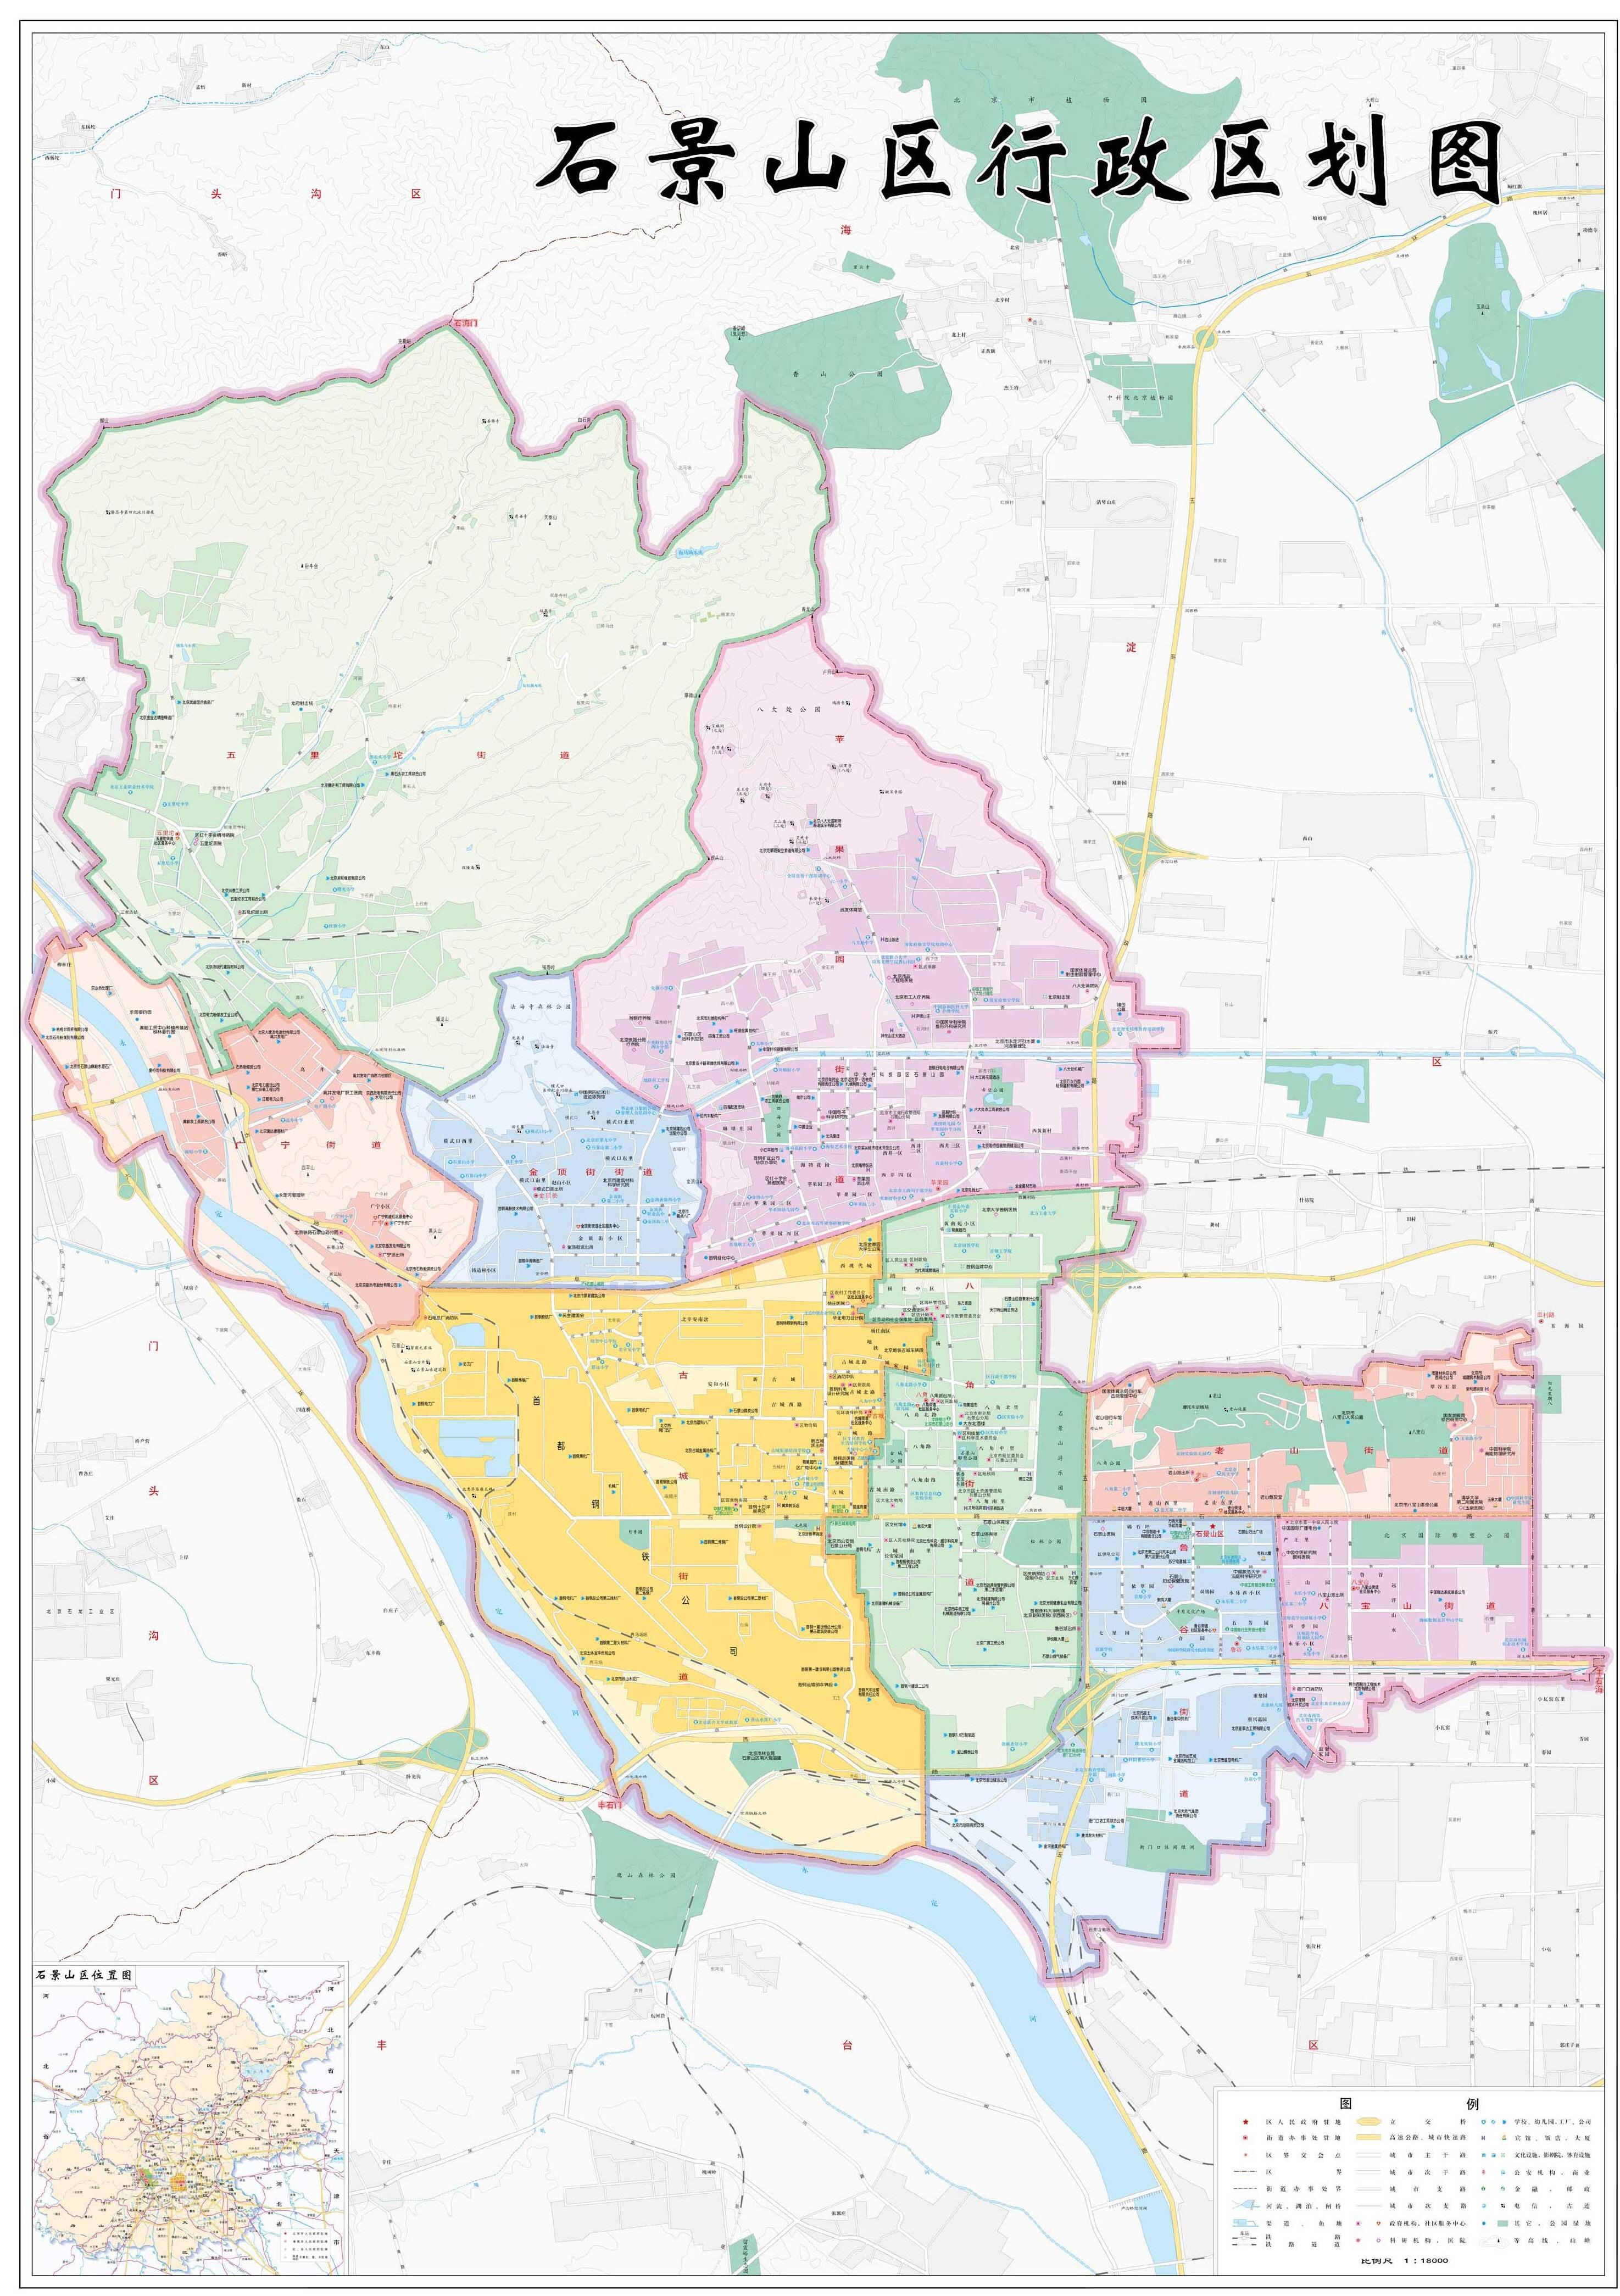 北京市顺义区行政区划图高清版